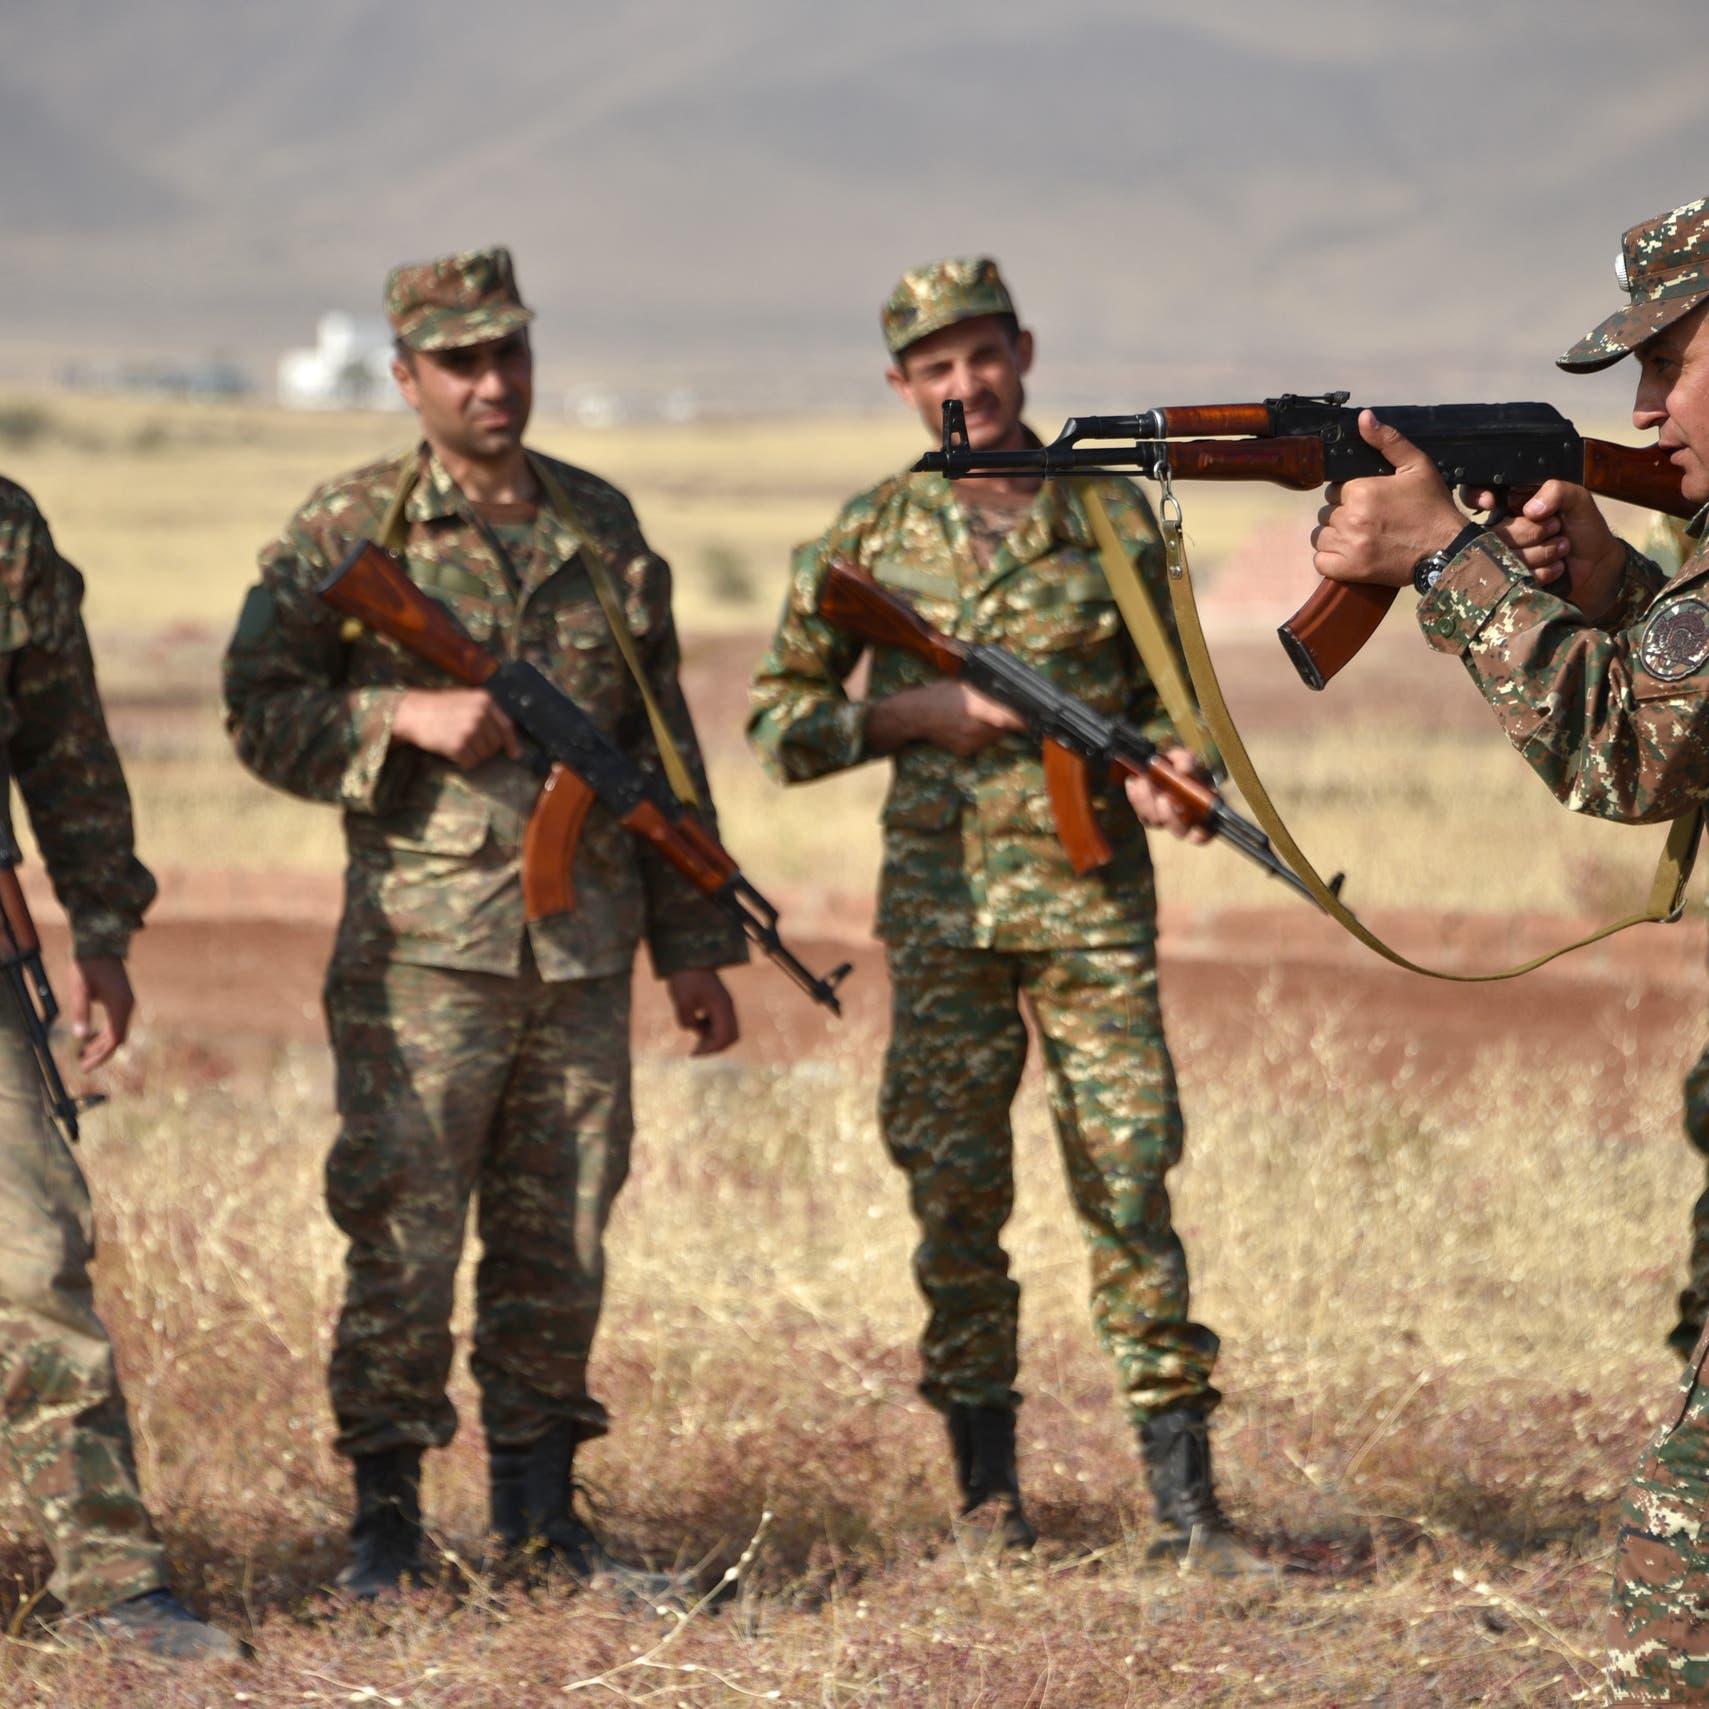 وقود نار القوقاز الجديد.. دفعة أخرى من جثث مرتزقة تركيا